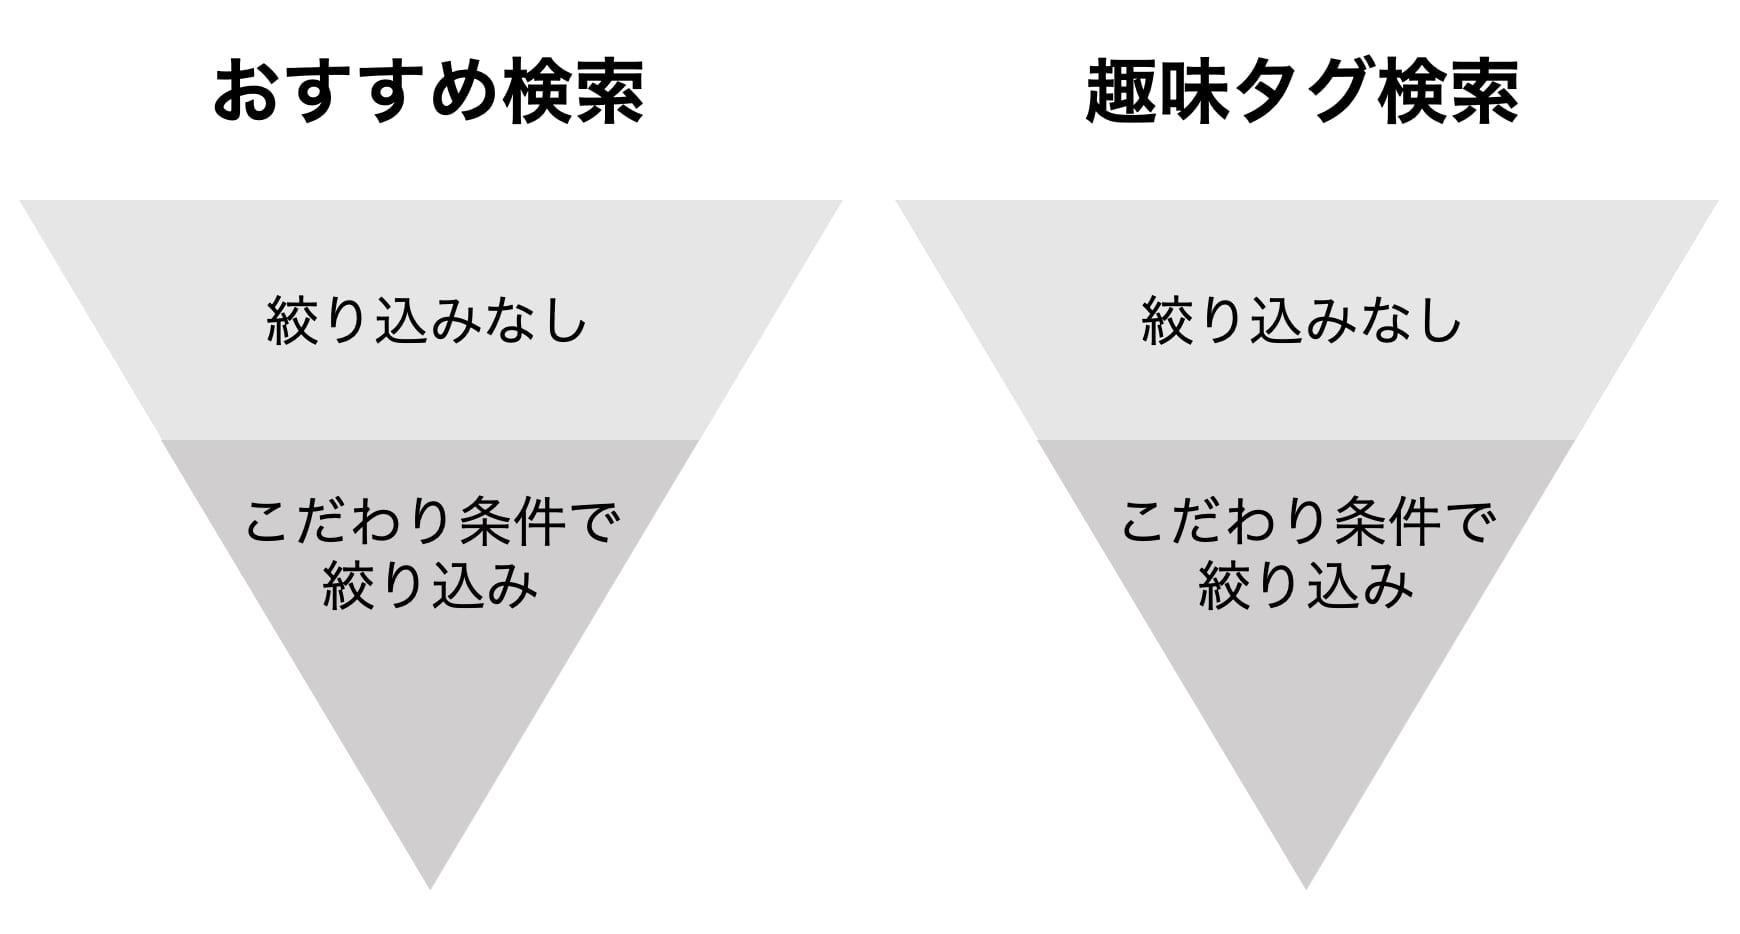 タップル検索機能の関係性